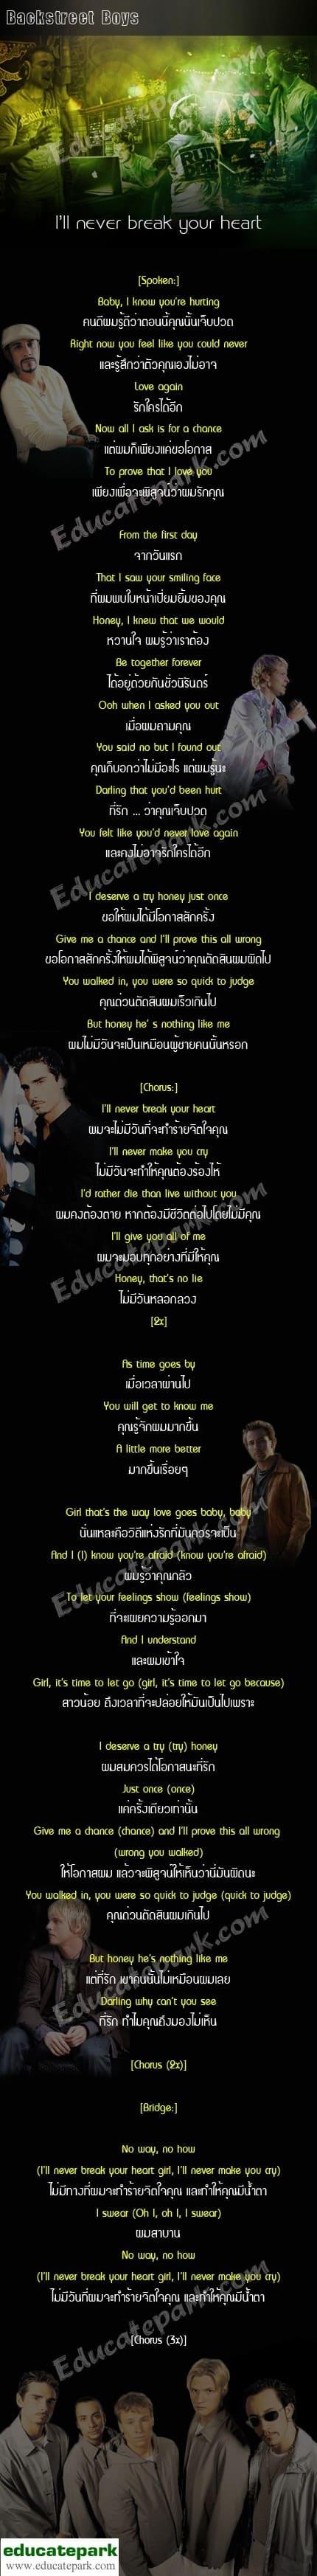 แปลเพลง I'll never break your heart - Backstreet Boys